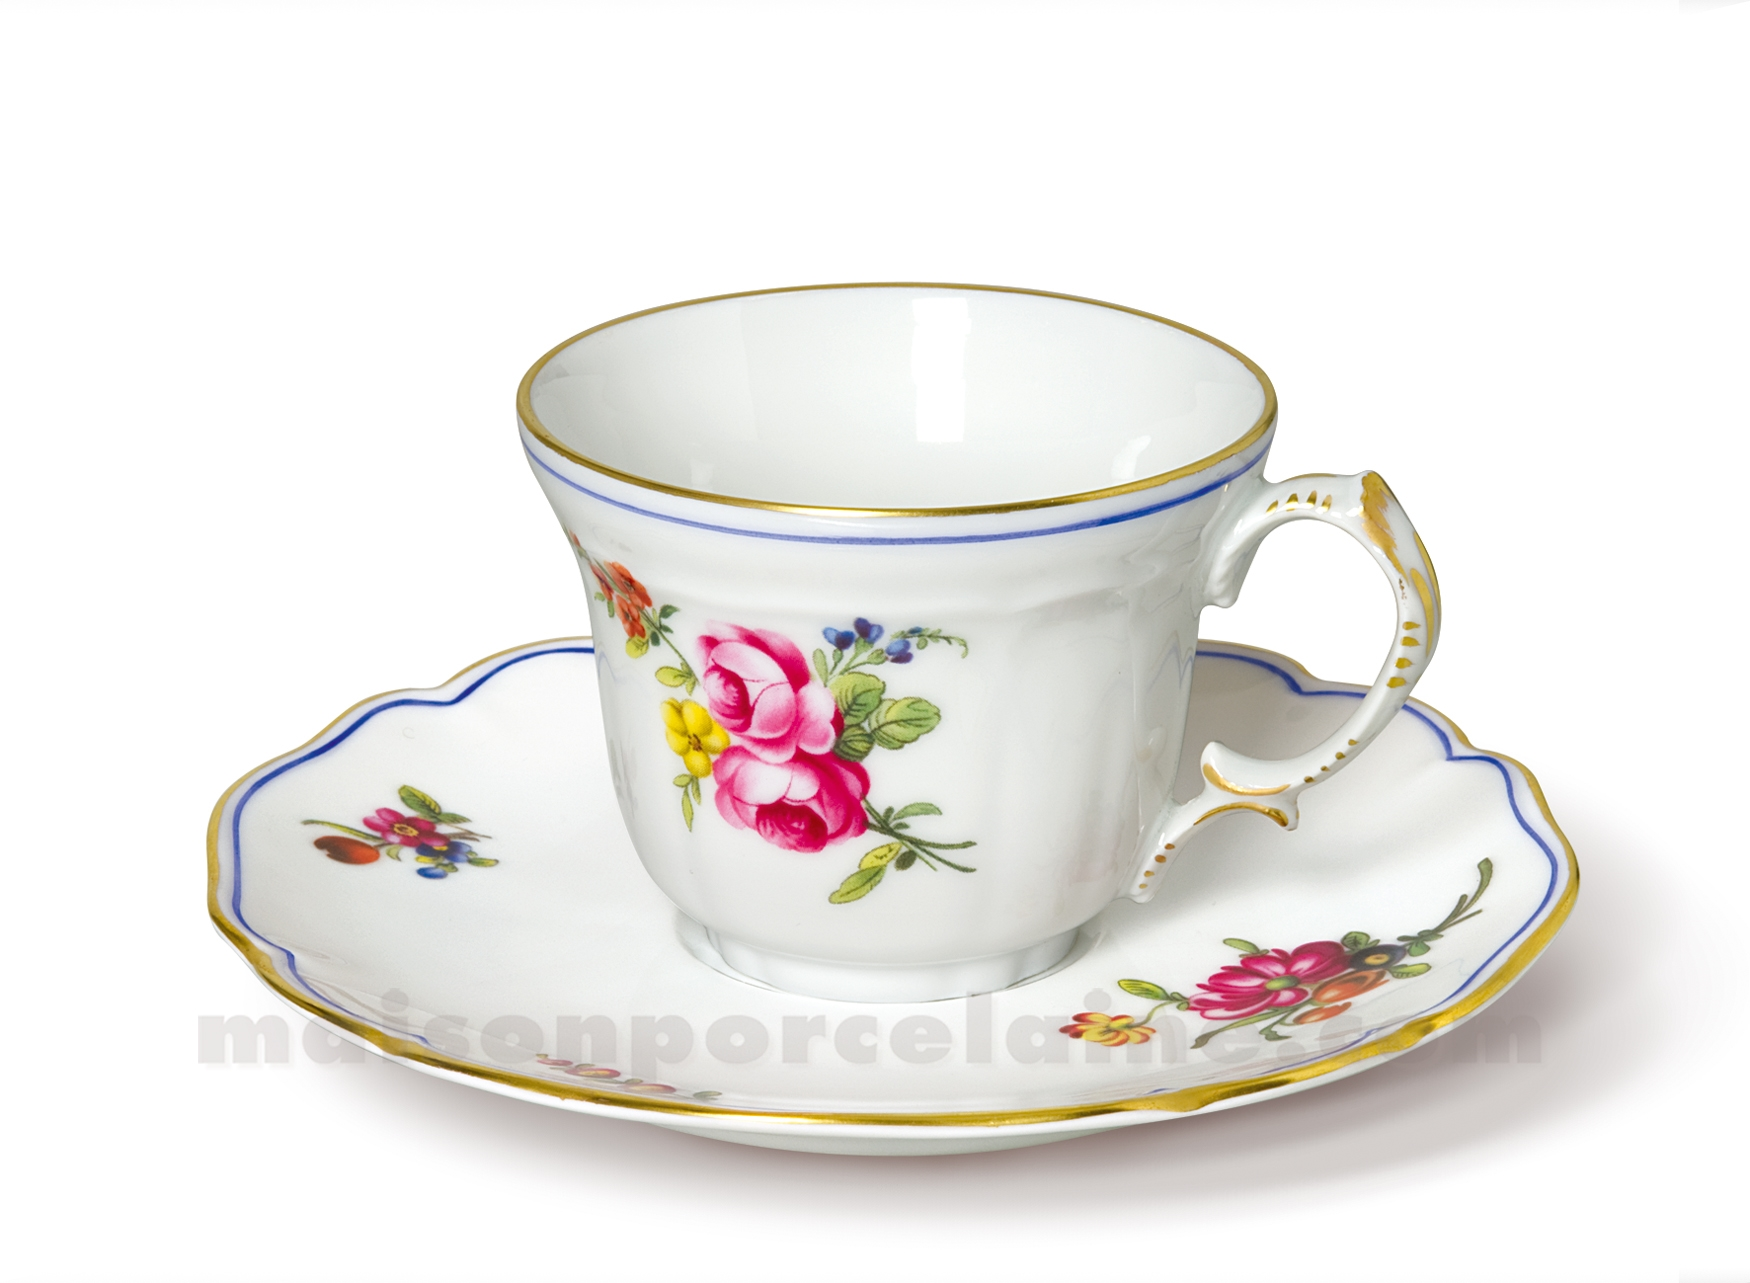 tasse cafe soucoupe limoges choiseul 11cl maison de la porcelaine. Black Bedroom Furniture Sets. Home Design Ideas